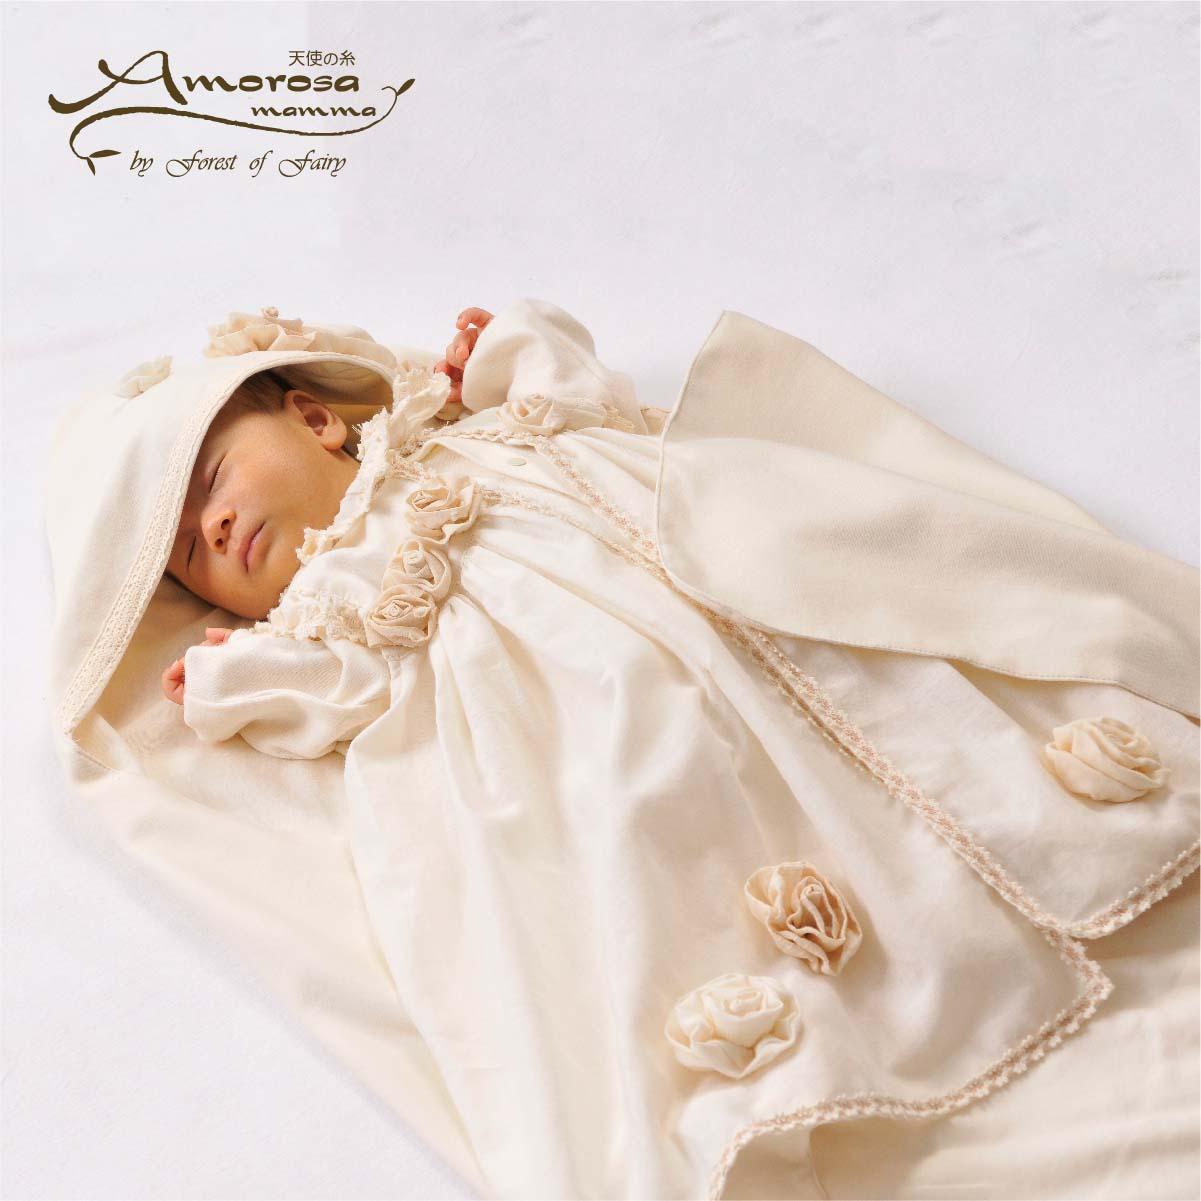 ローズのセレモニードレス3点セット AC026(ベビー服)